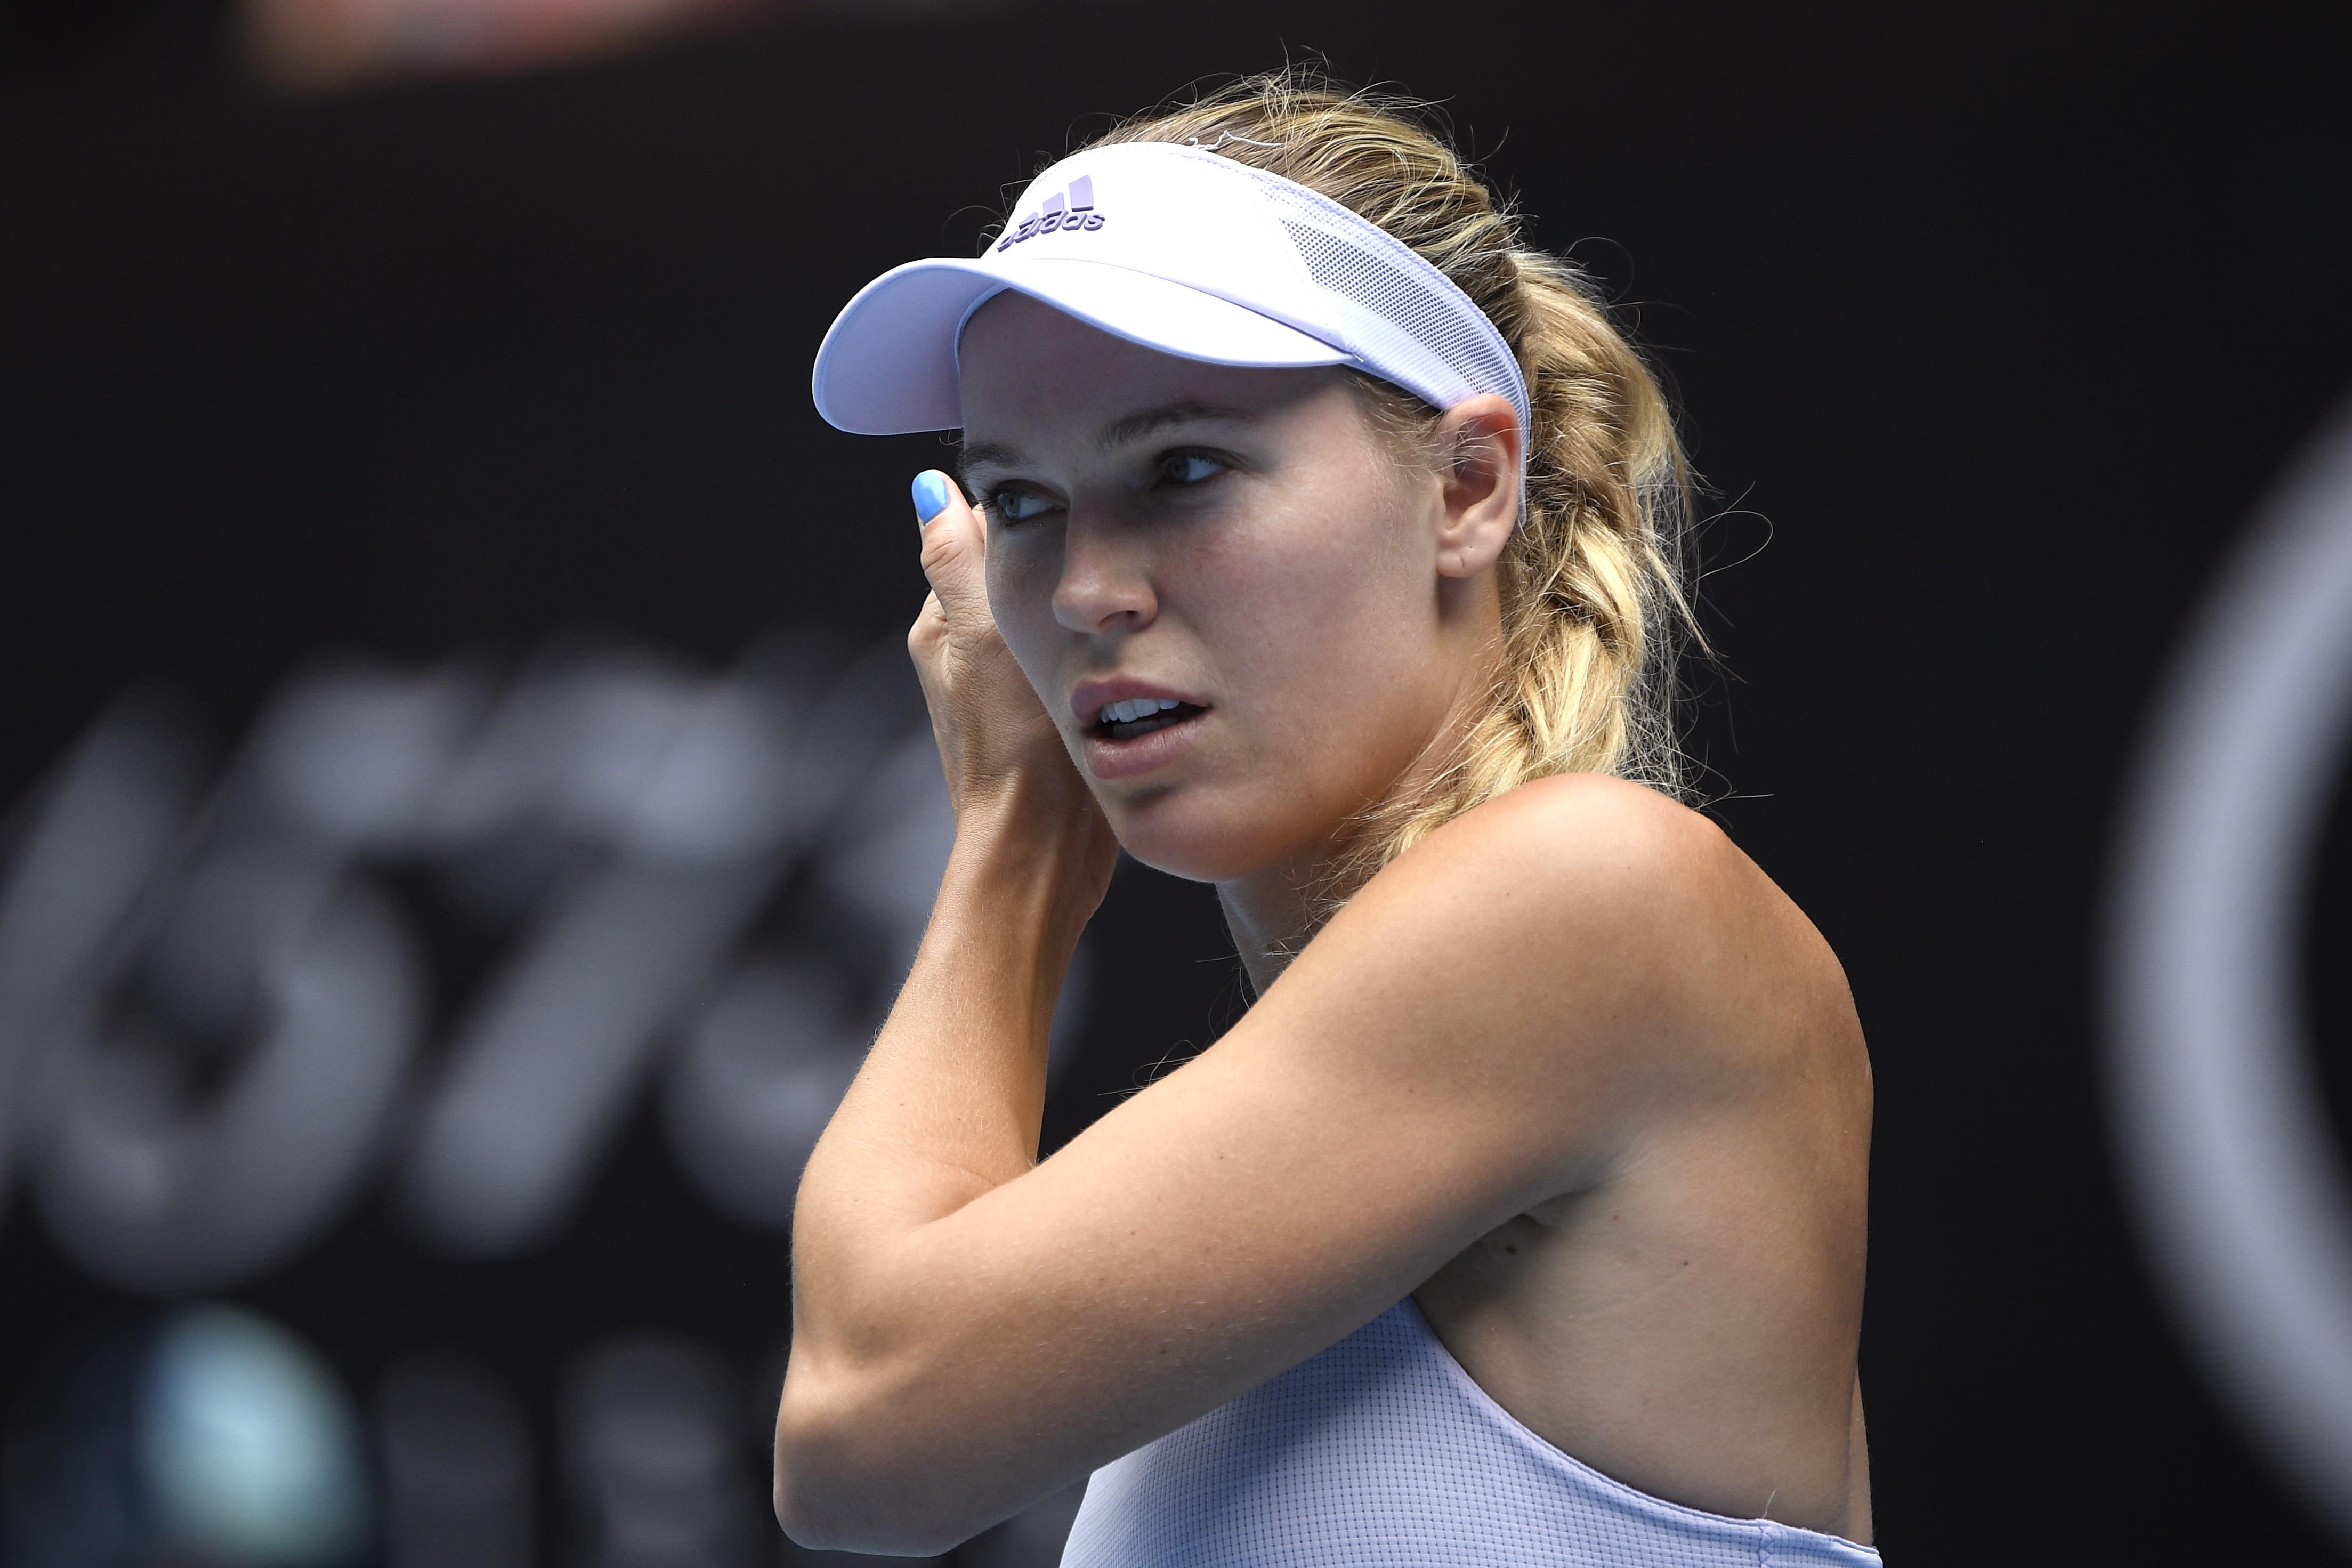 Ex-No. 1 tennis player Caroline Wozniacki details RA diagnosis